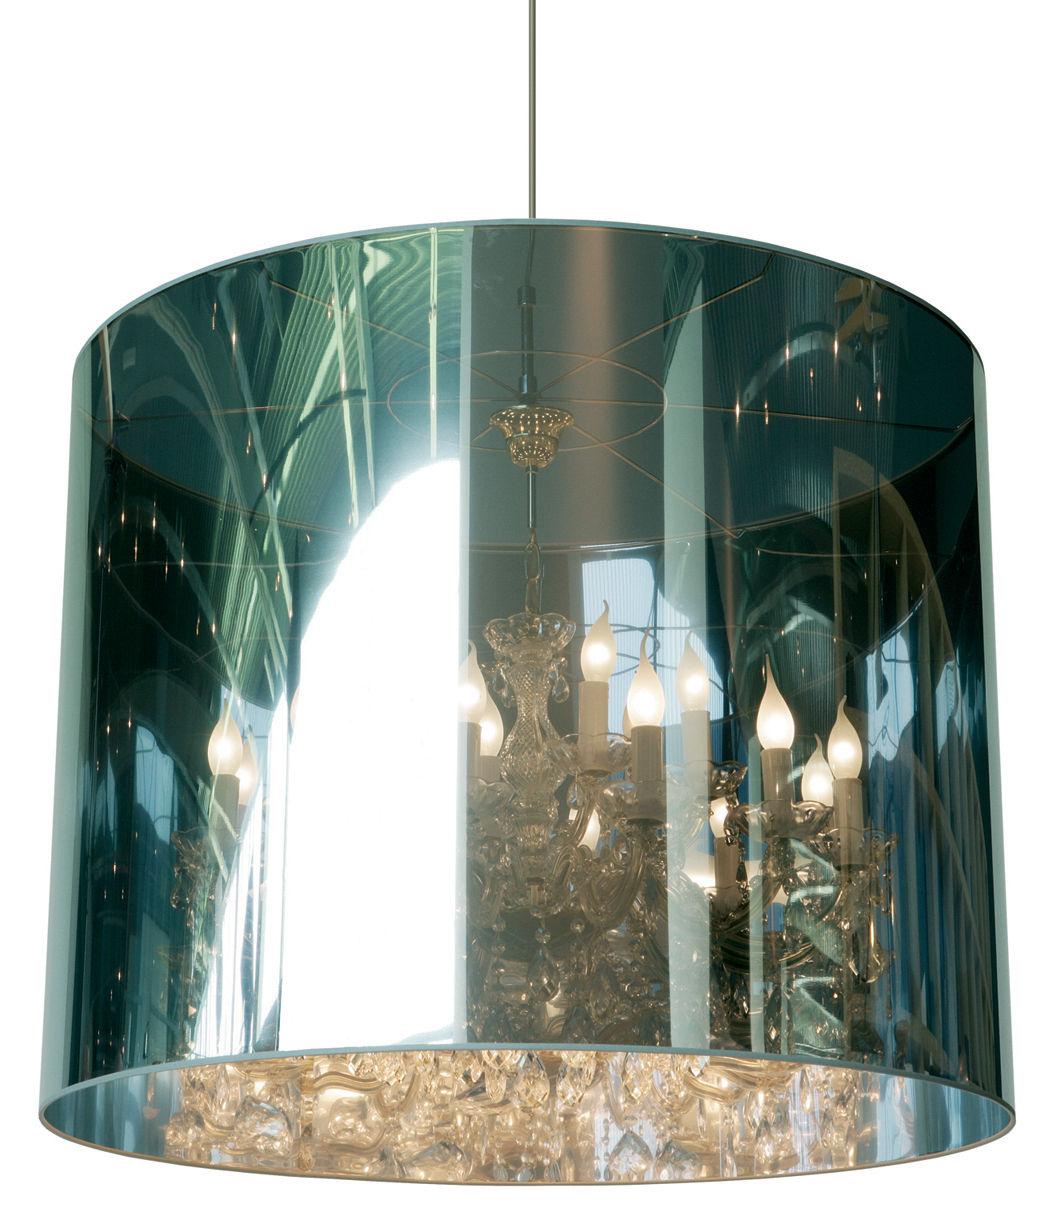 Luminaire - Suspensions - Suspension Light Shade Shade Ø 95 cm - Moooi - Miroir et argenté Ø 95 cm - Matière plastique, Métal, Verre